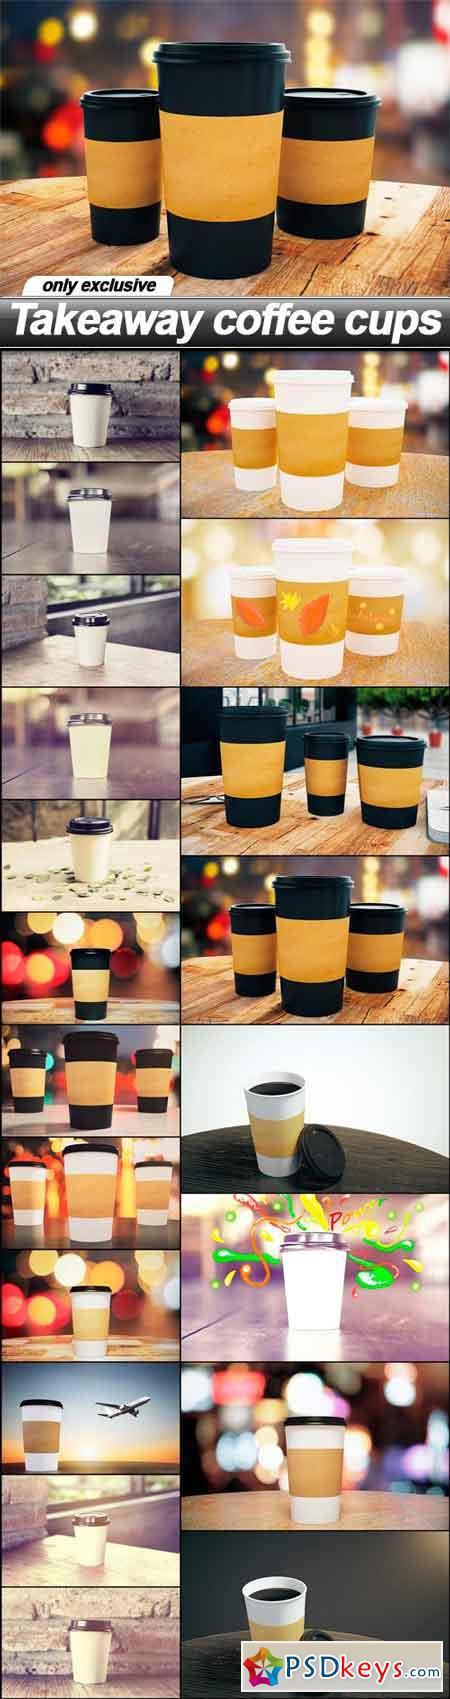 Takeaway coffee cups - 20 UHQ JPEG